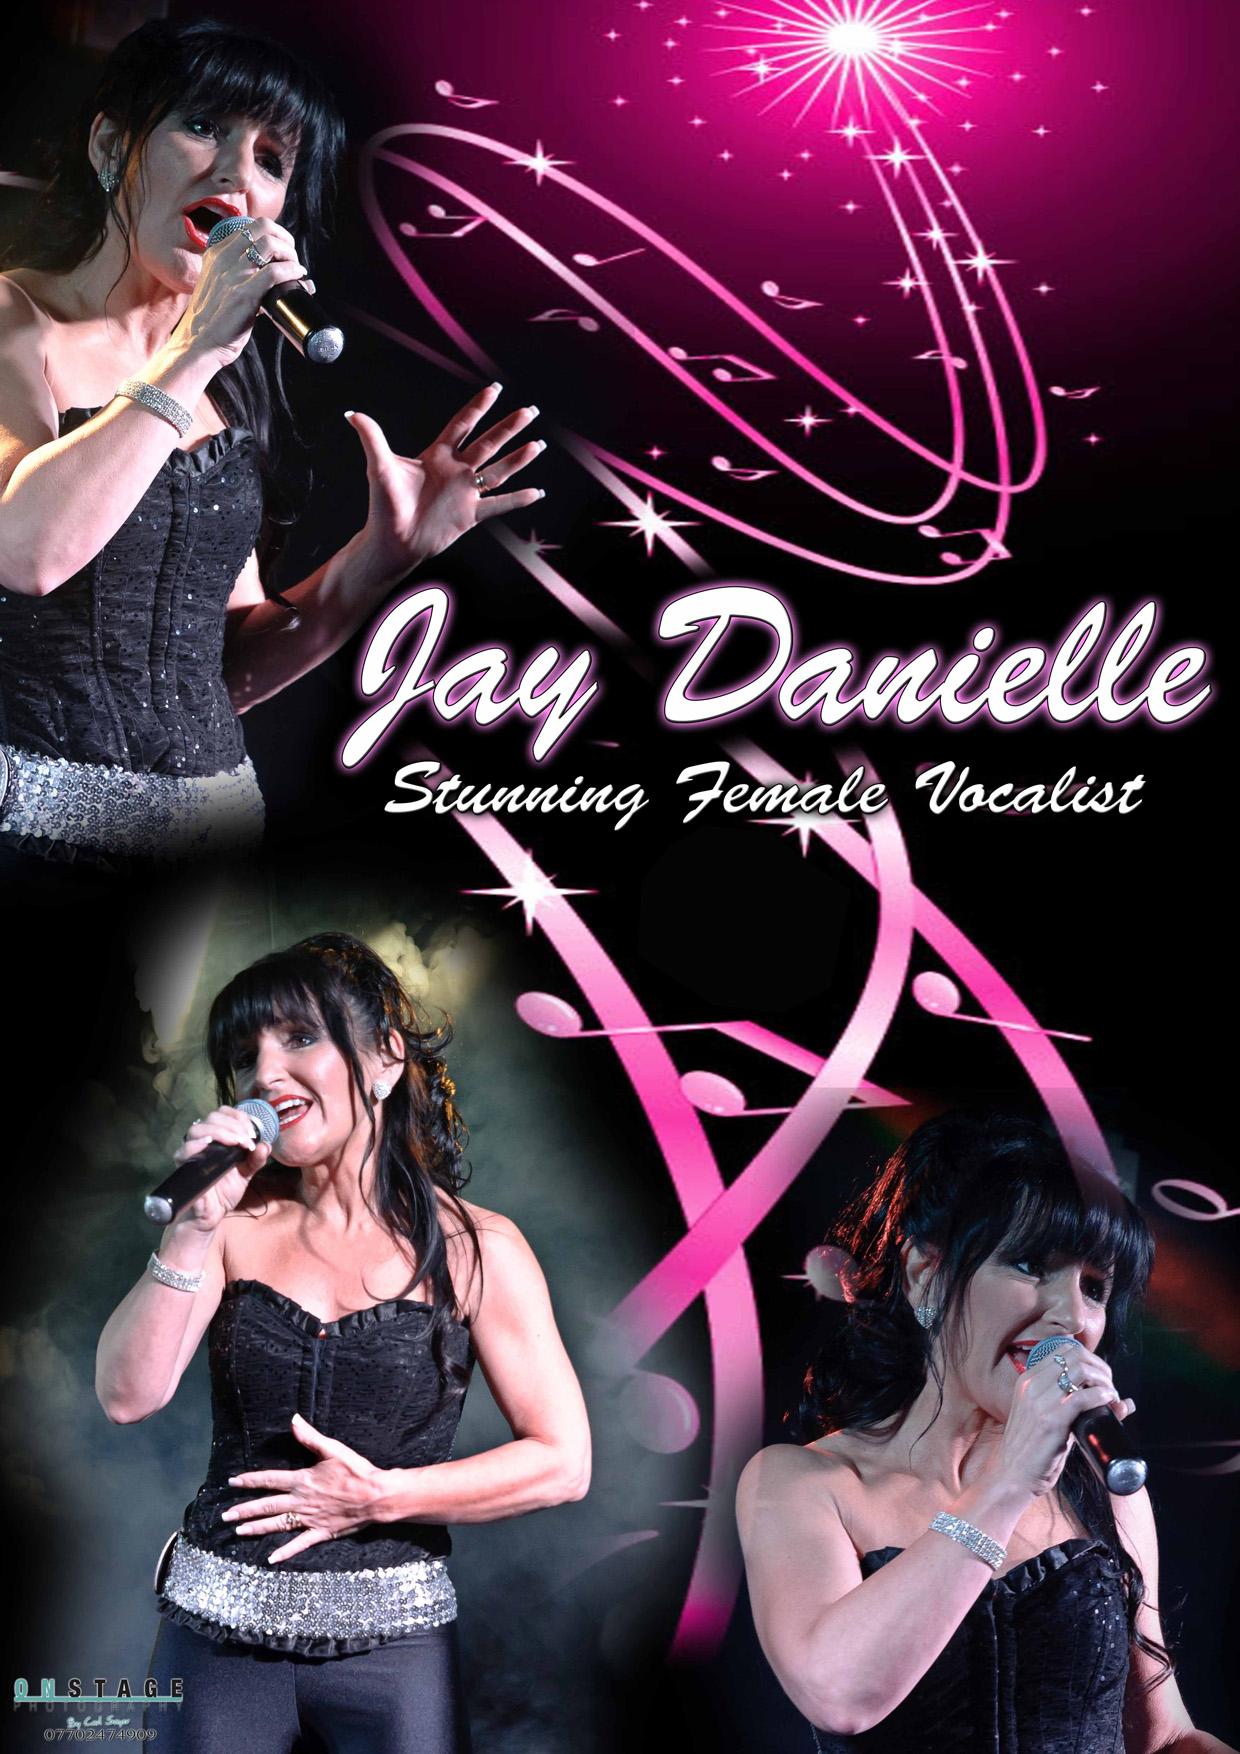 Jay Danielle